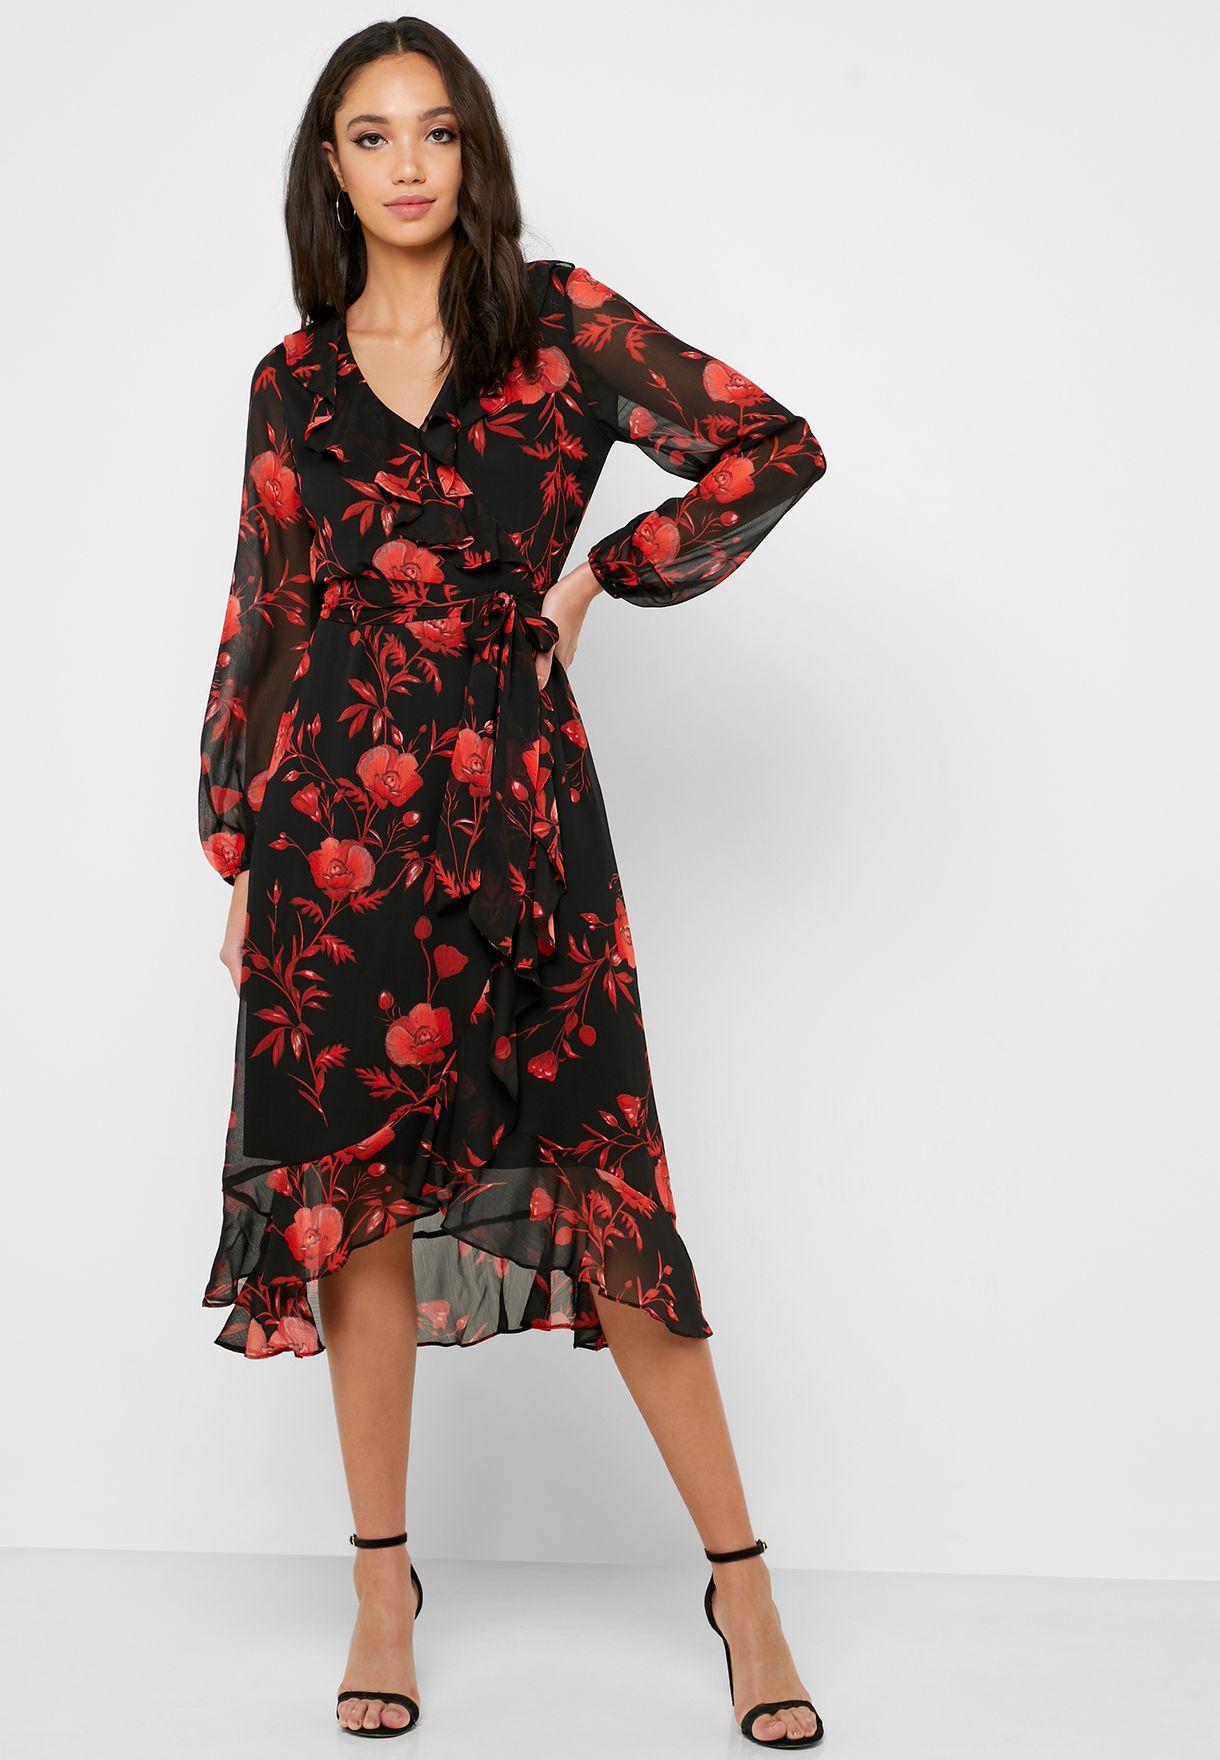 Tie Neck Front Split Floral Print Dress